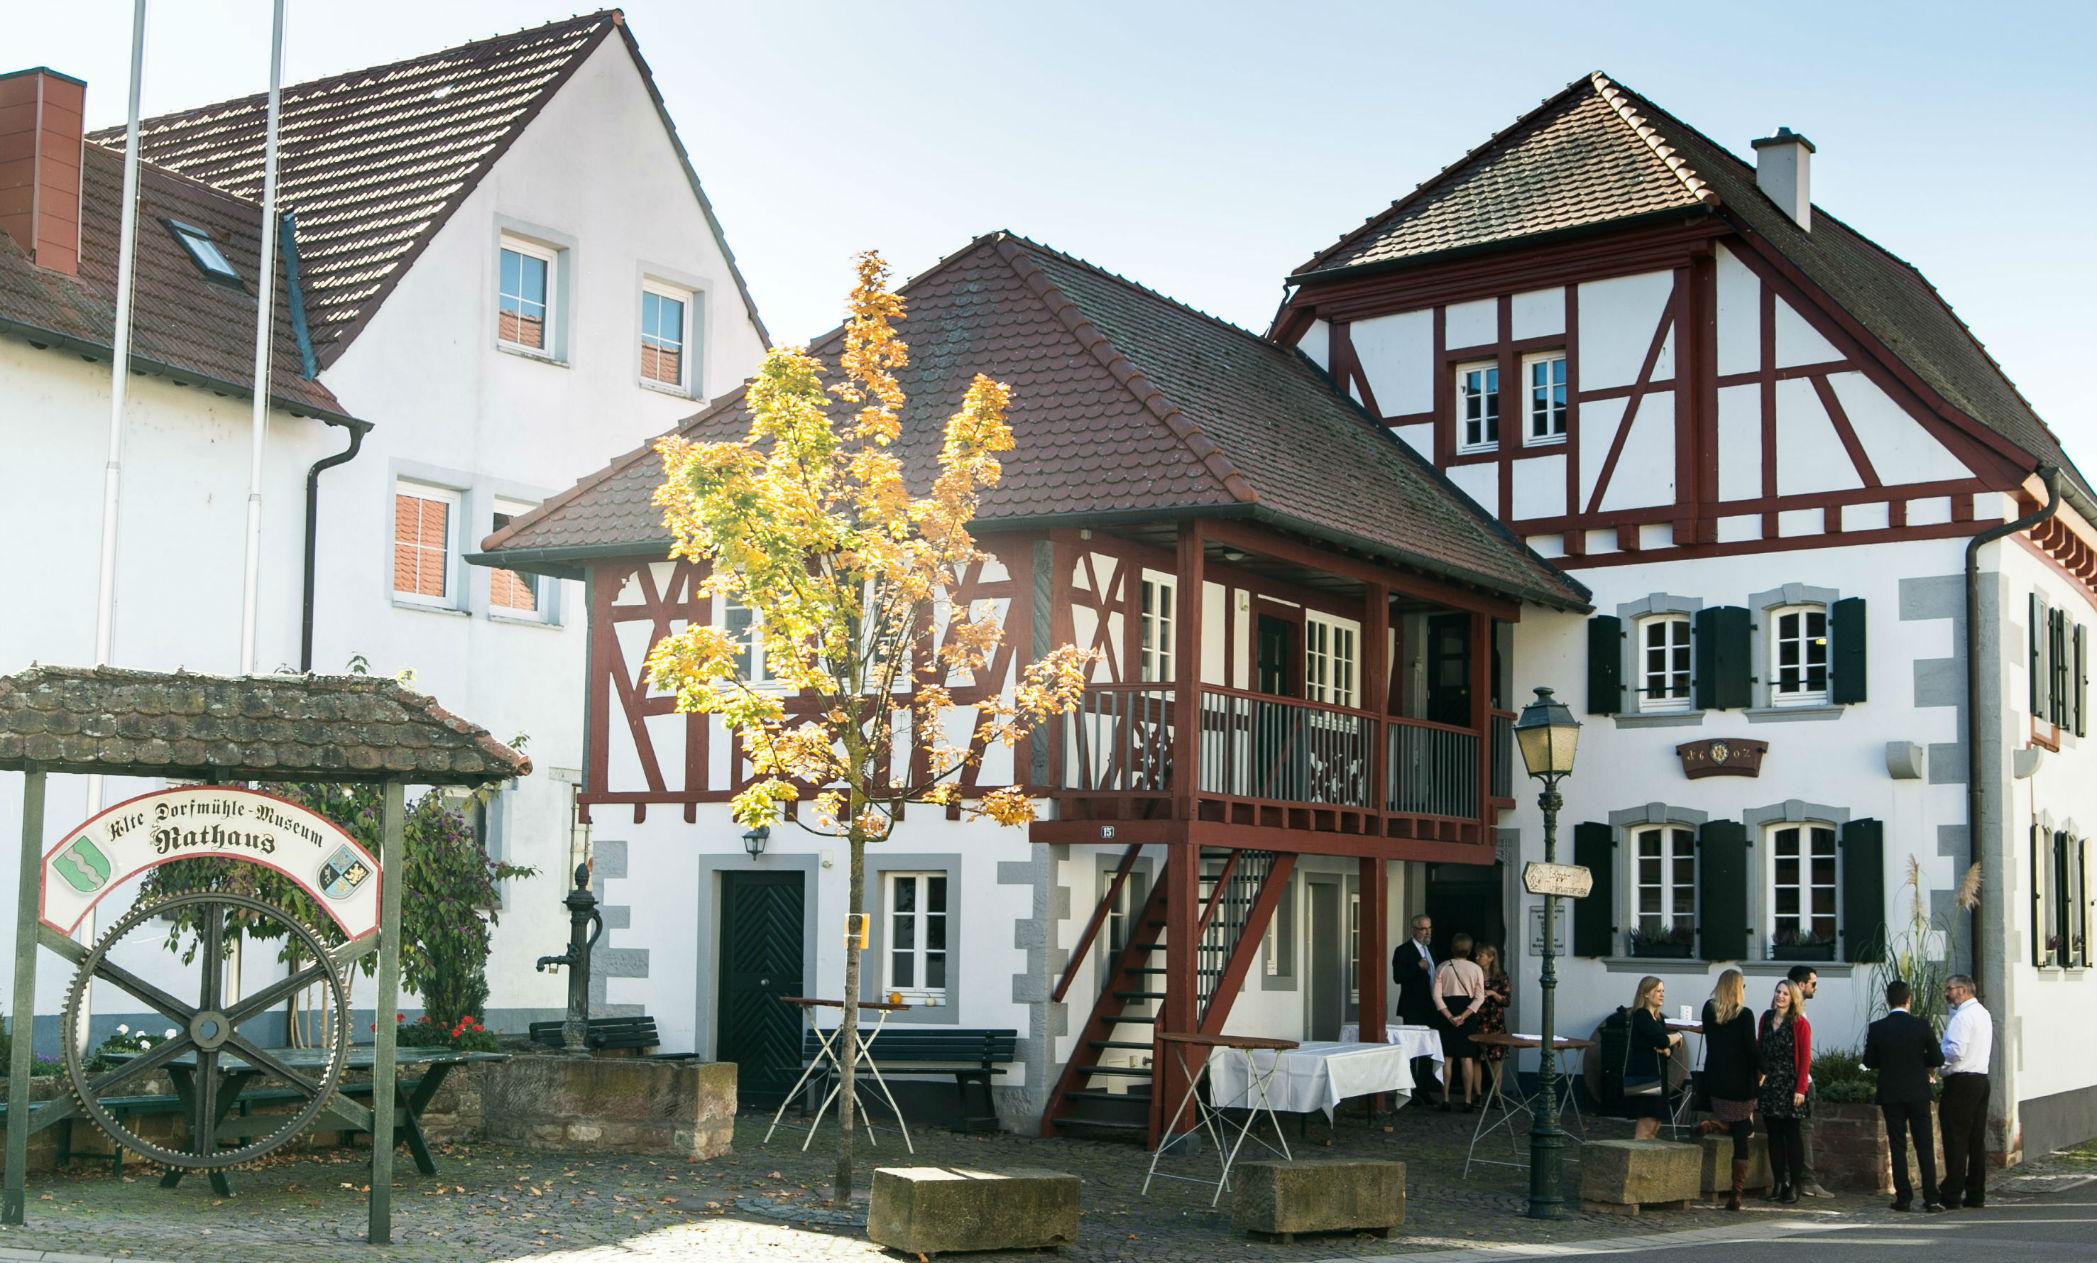 Alte Dorfmühle in Großkarlbach Pfalz